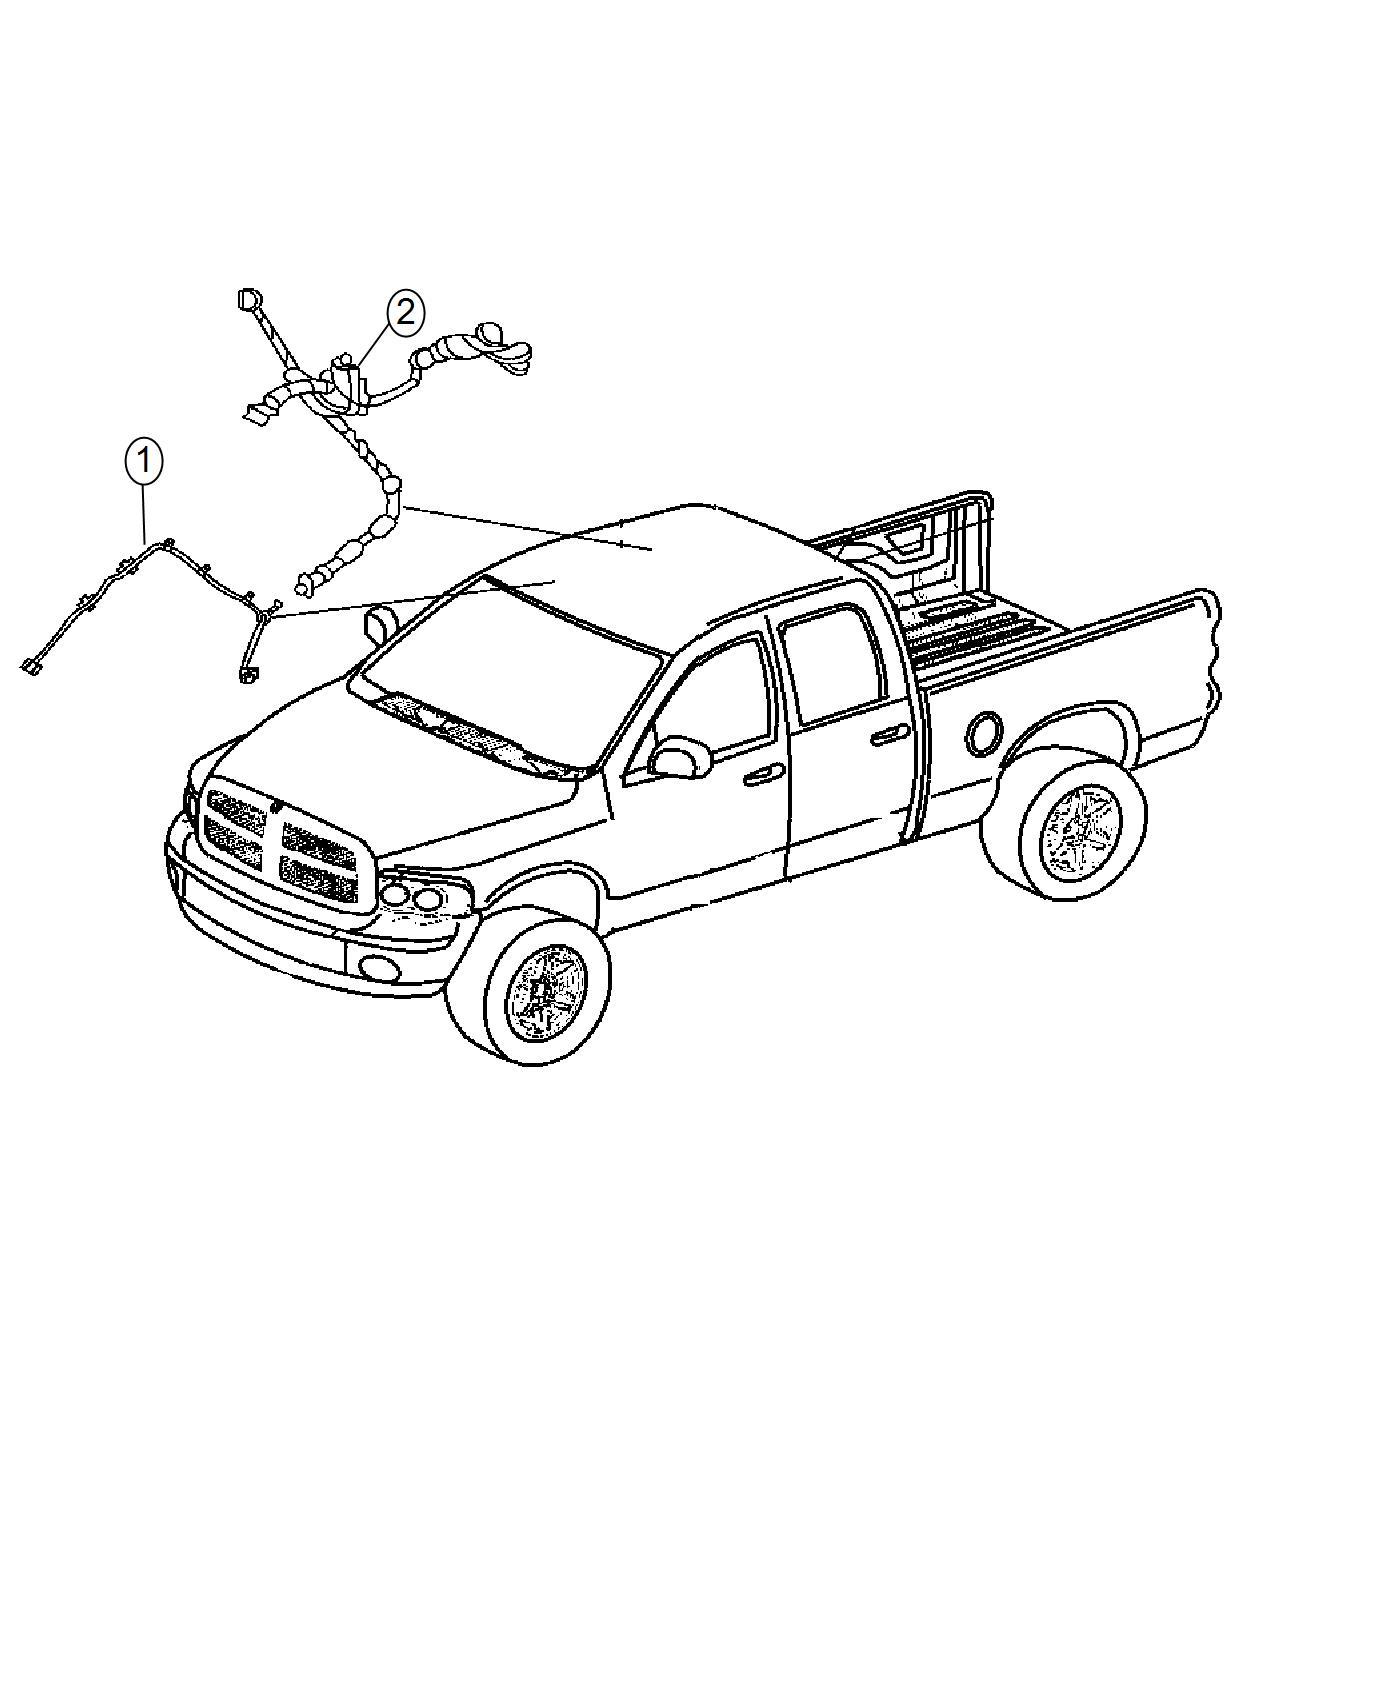 Ram 3500 Wiring. Header. [rr view auto dim mirror w